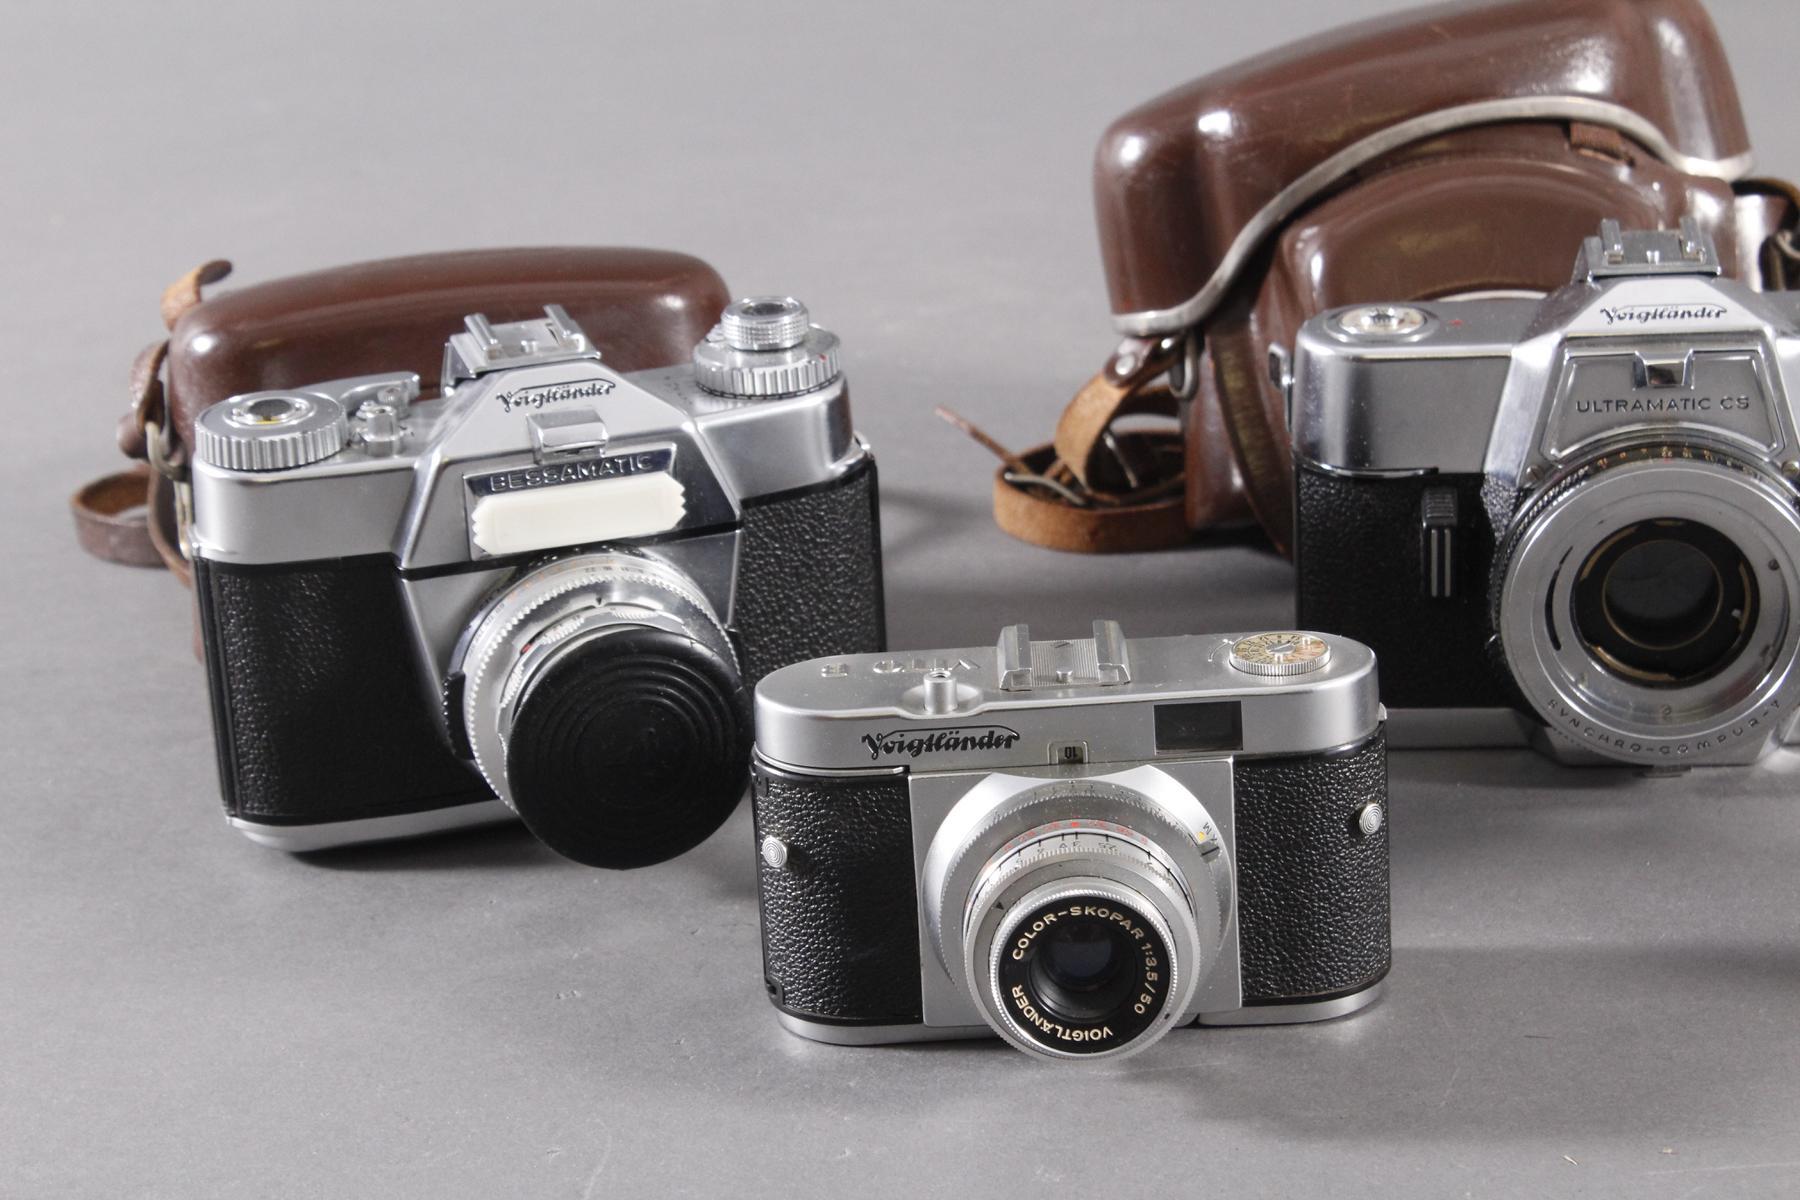 Fünf Fotoapparate/ Kameras, Voigtländer-2